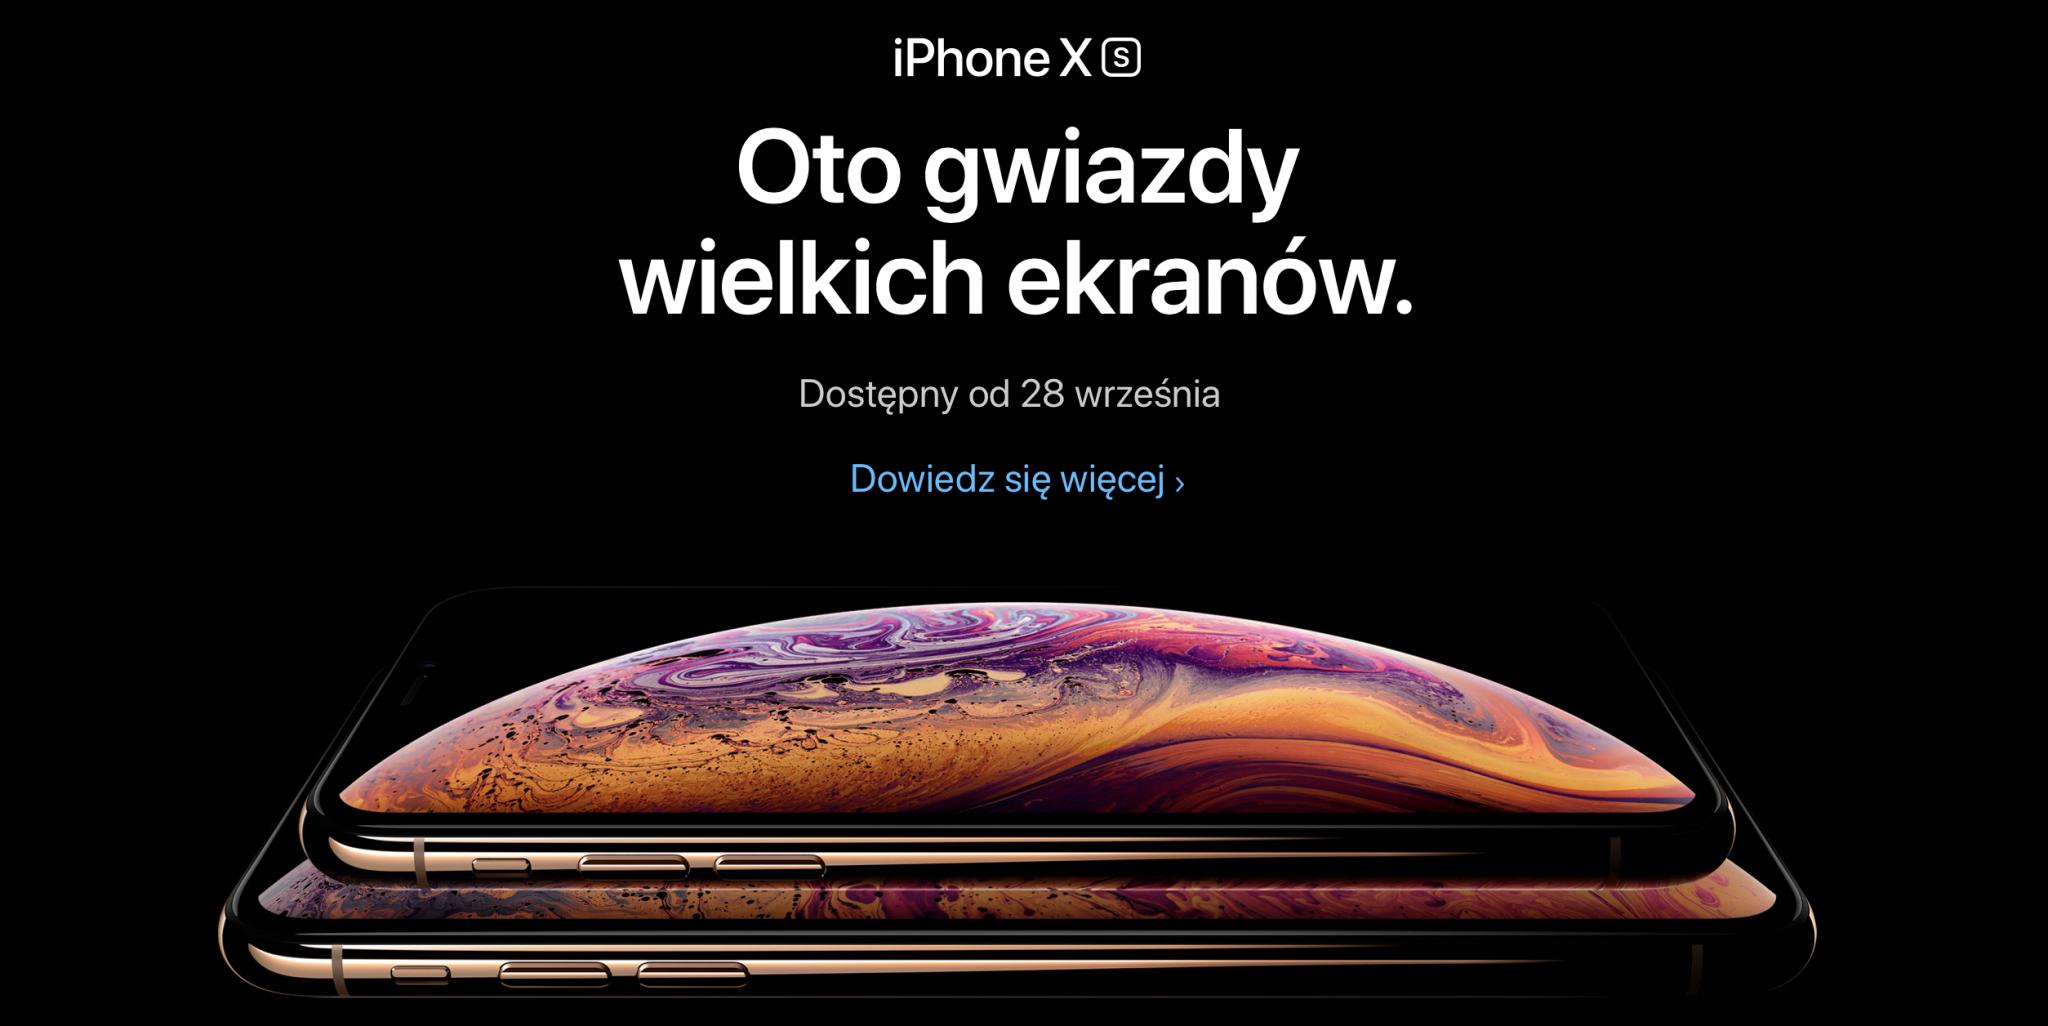 12 września miał miejsce coroczny Apple Special Event. Firma z Cupertino zaprezentowała swoje najnowsze produkty – iPhone Xs, iPhone Xs Max, iPhone Xr